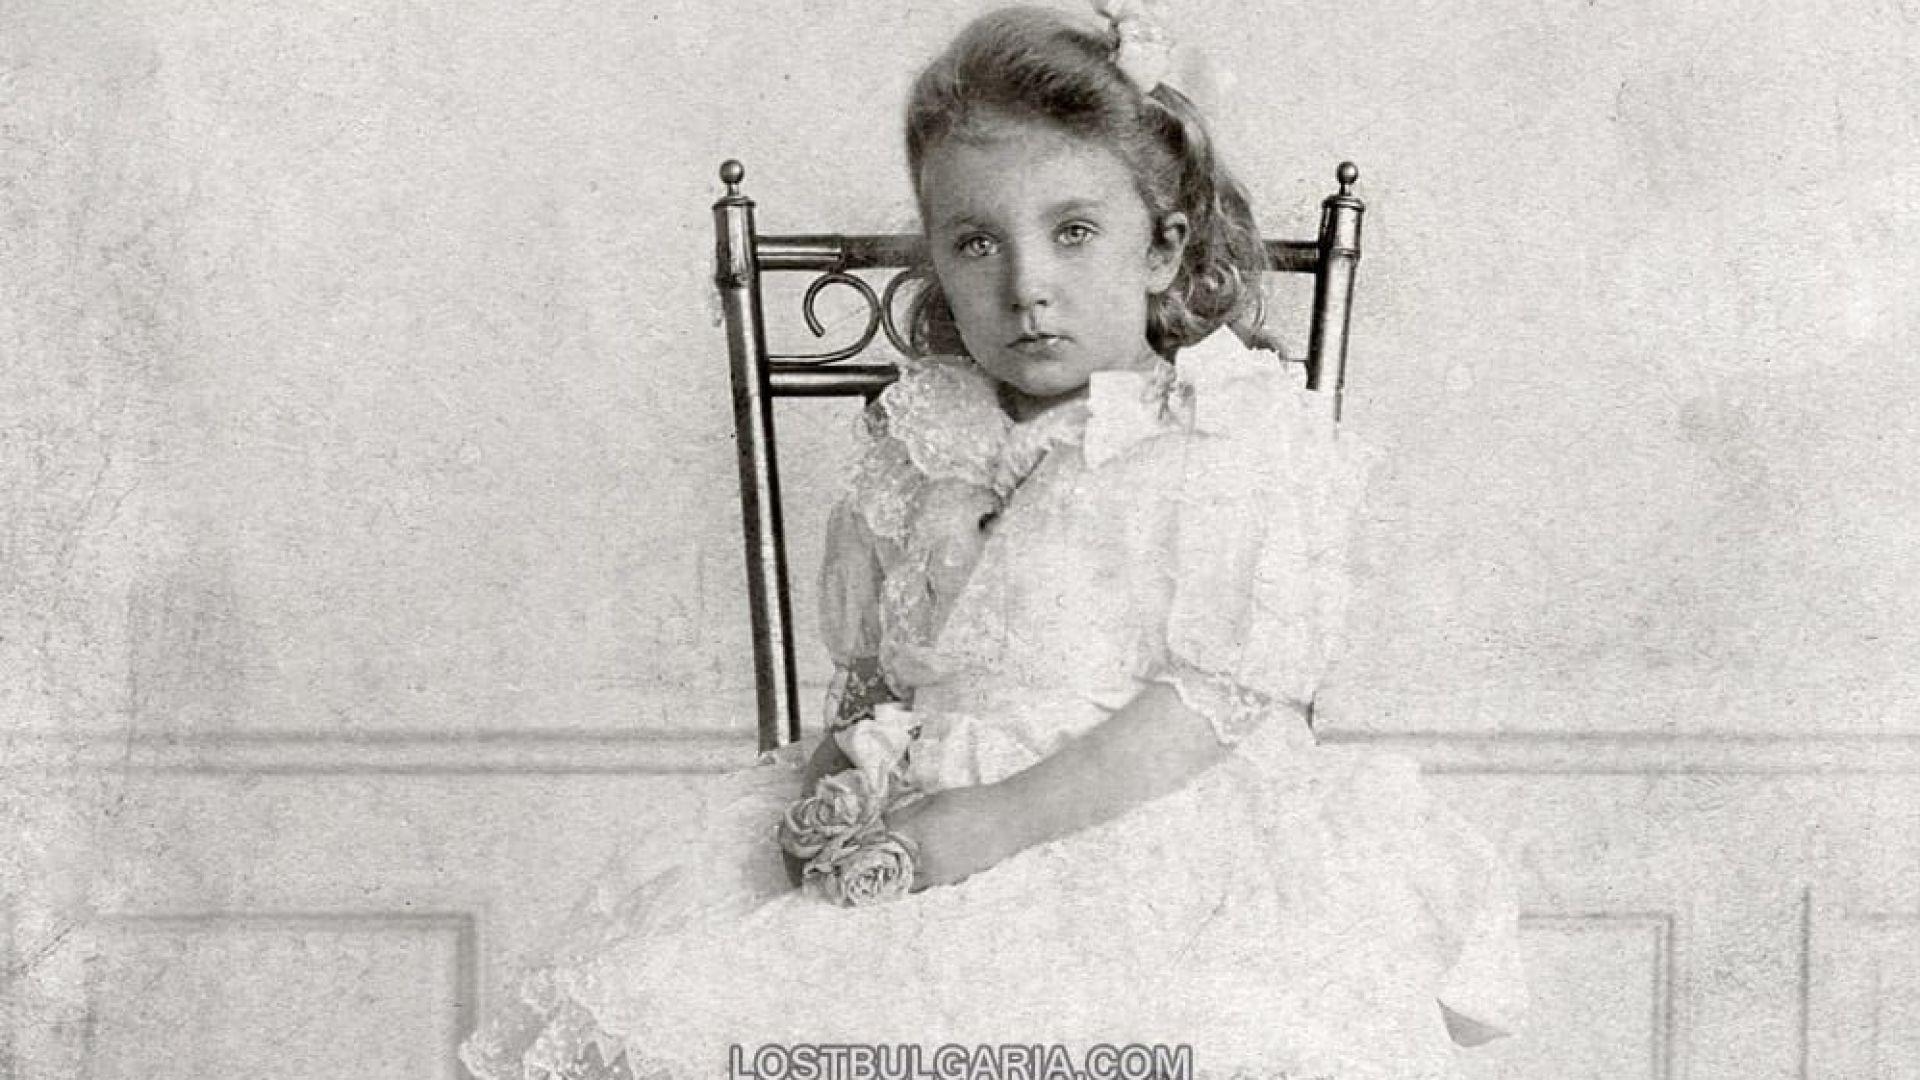 Княгиня Надежда - най-малкото дете на Фердинанд I (1899 - 1958)